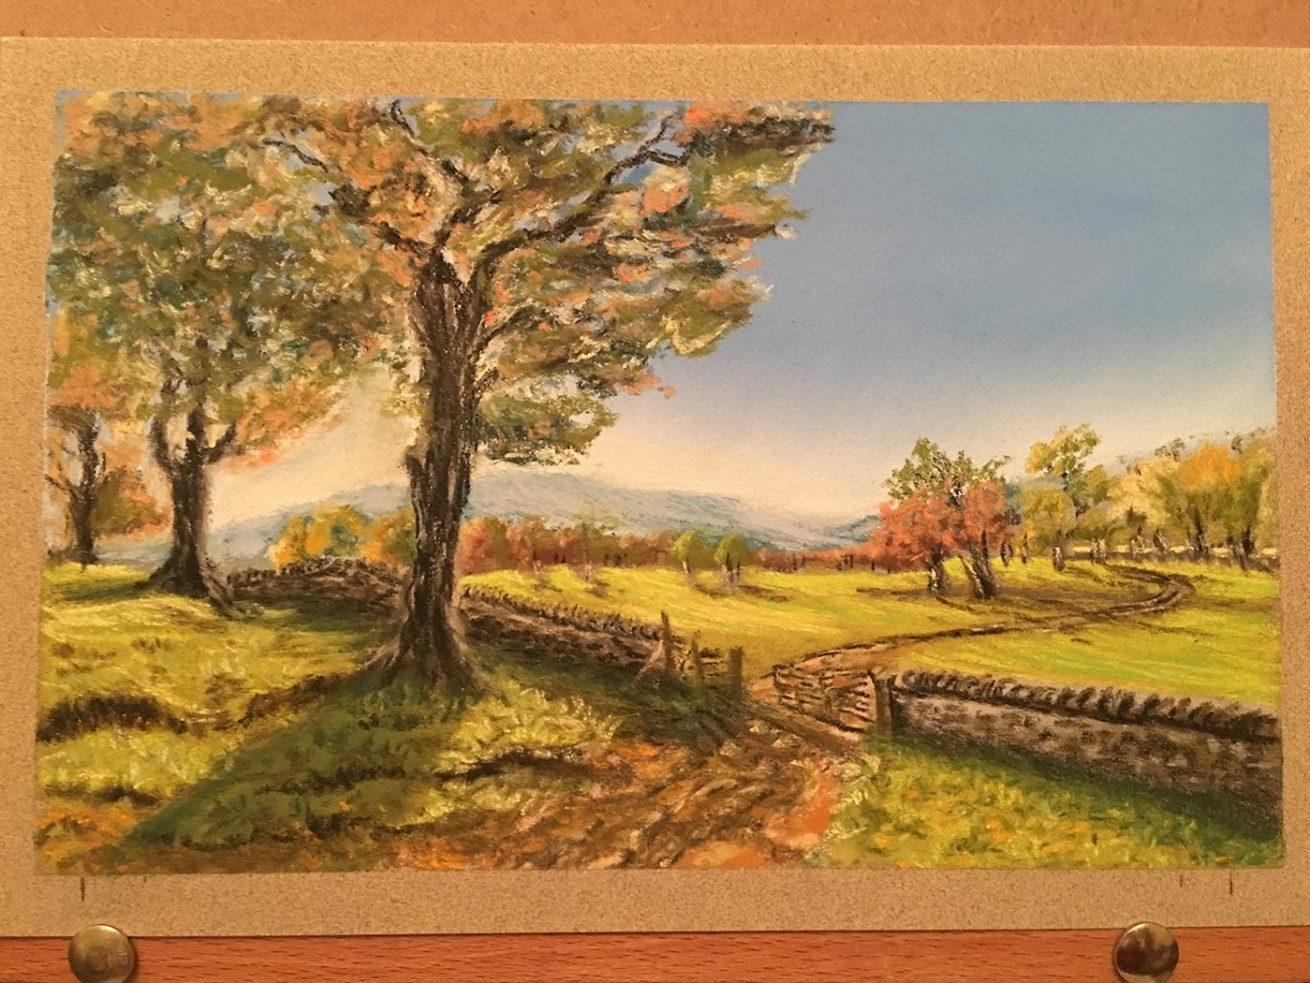 Pastel Painting by Julie Hazlewood